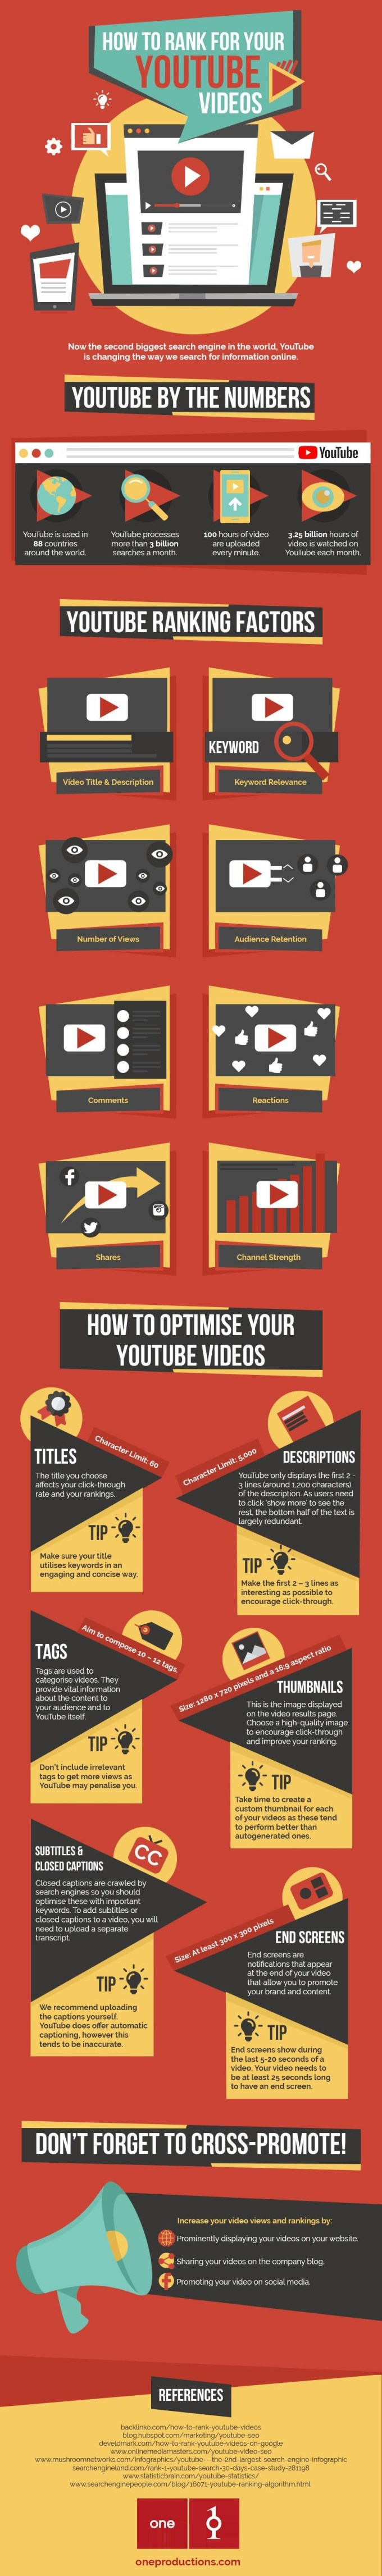 Youtube - Recomendaciones para Posicionar Mejor en las Búsquedas